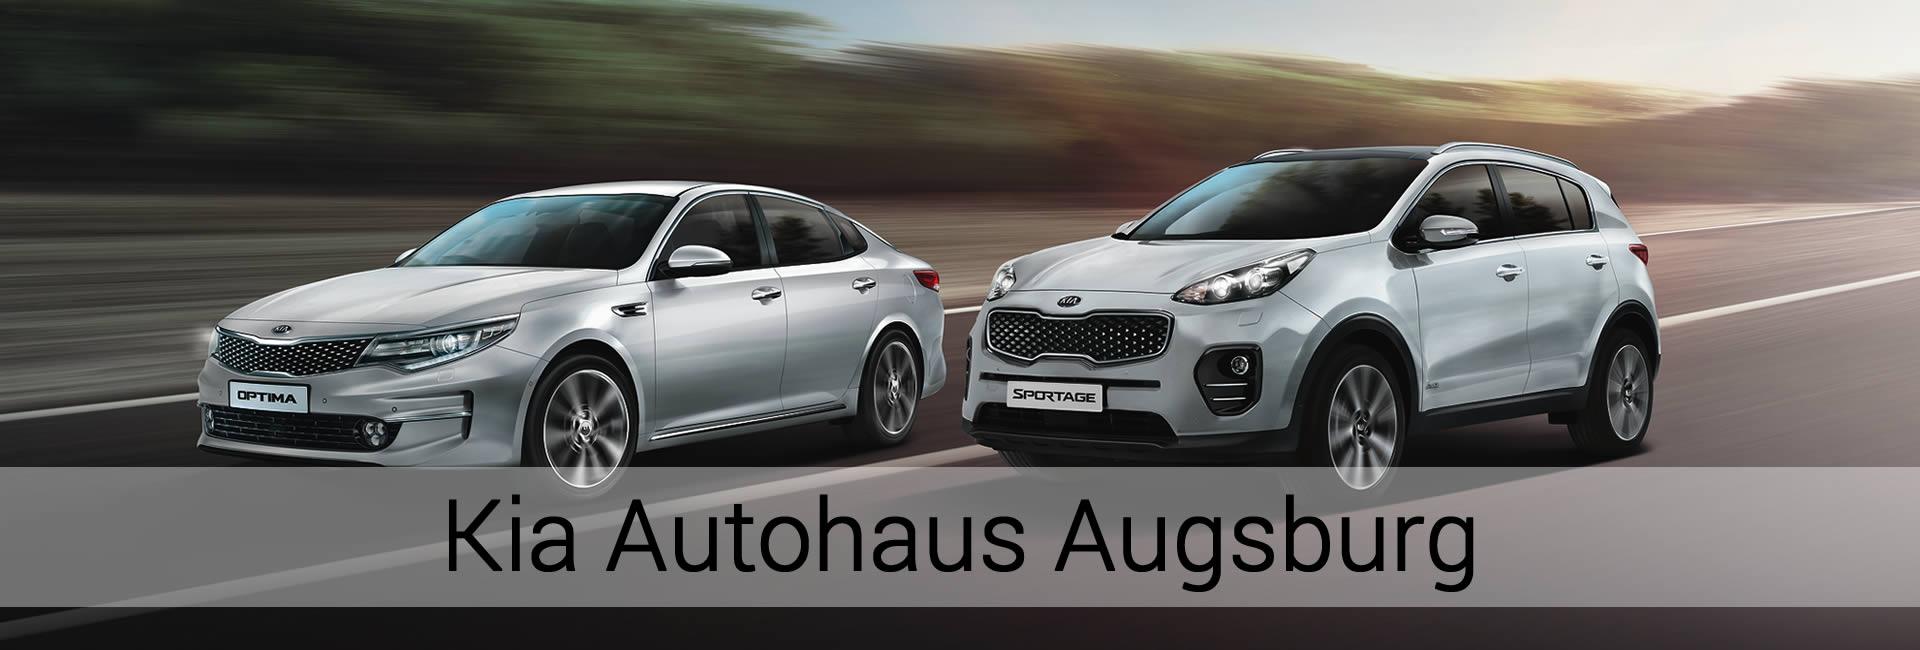 Kia Autohaus Augsburg